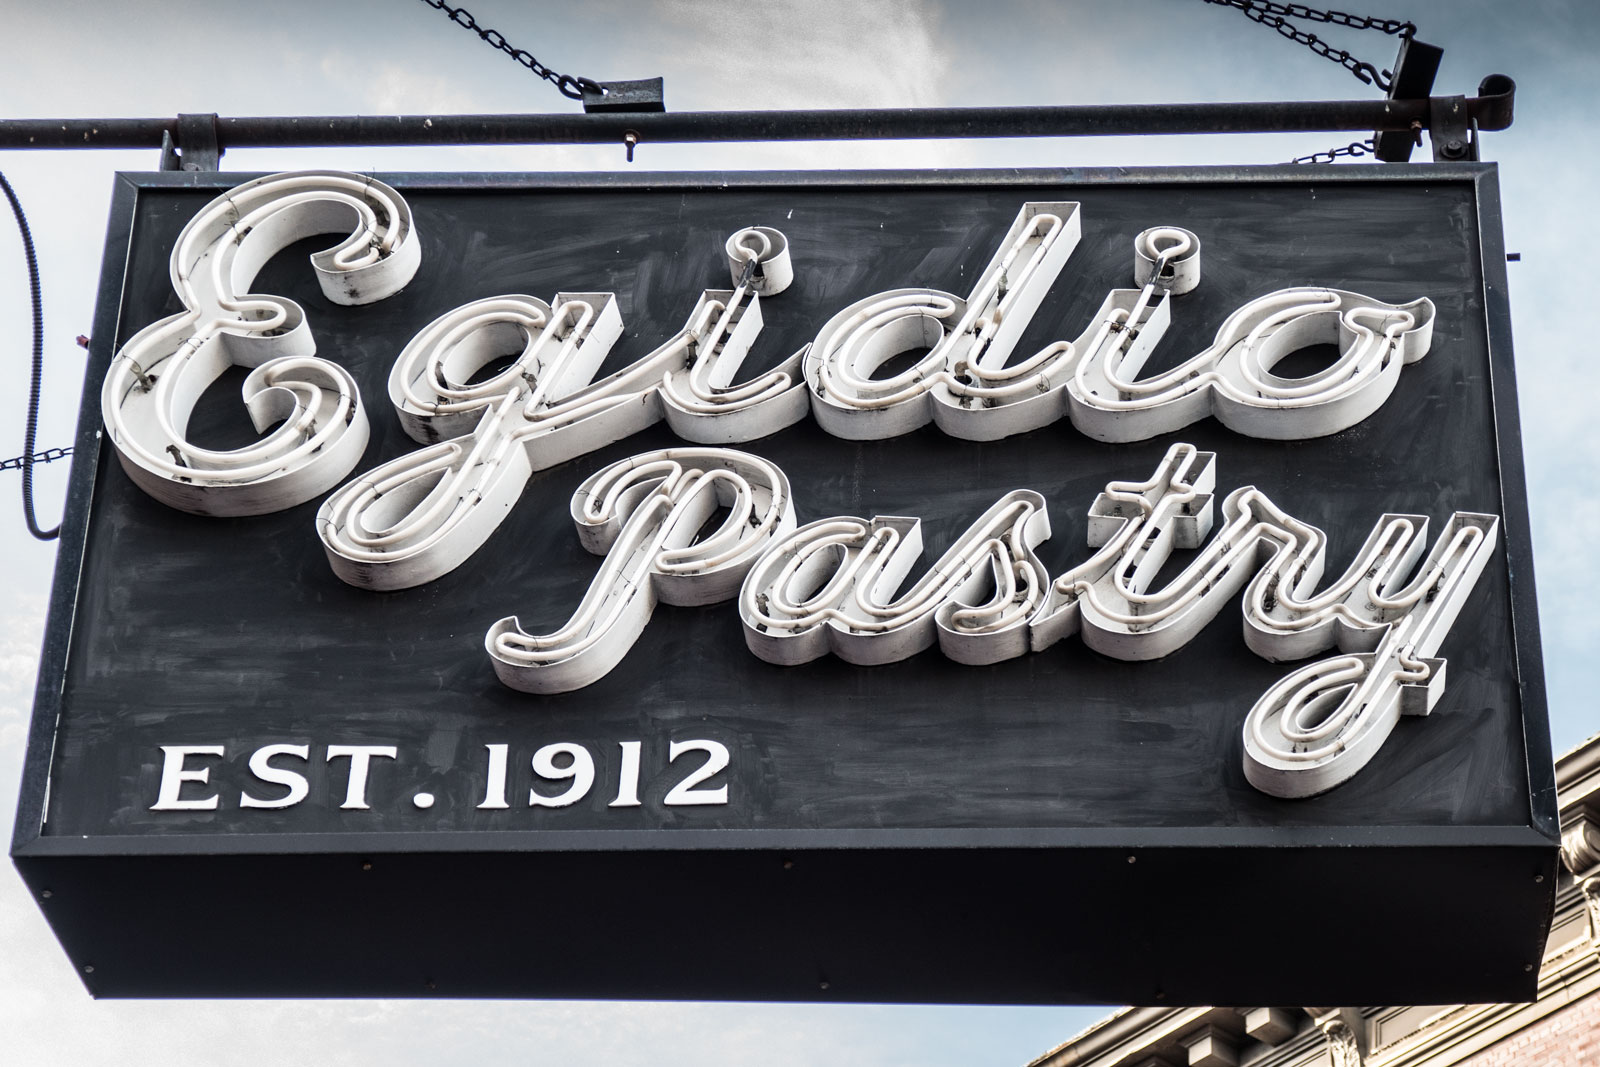 Edigio Pastry Bronx NYC